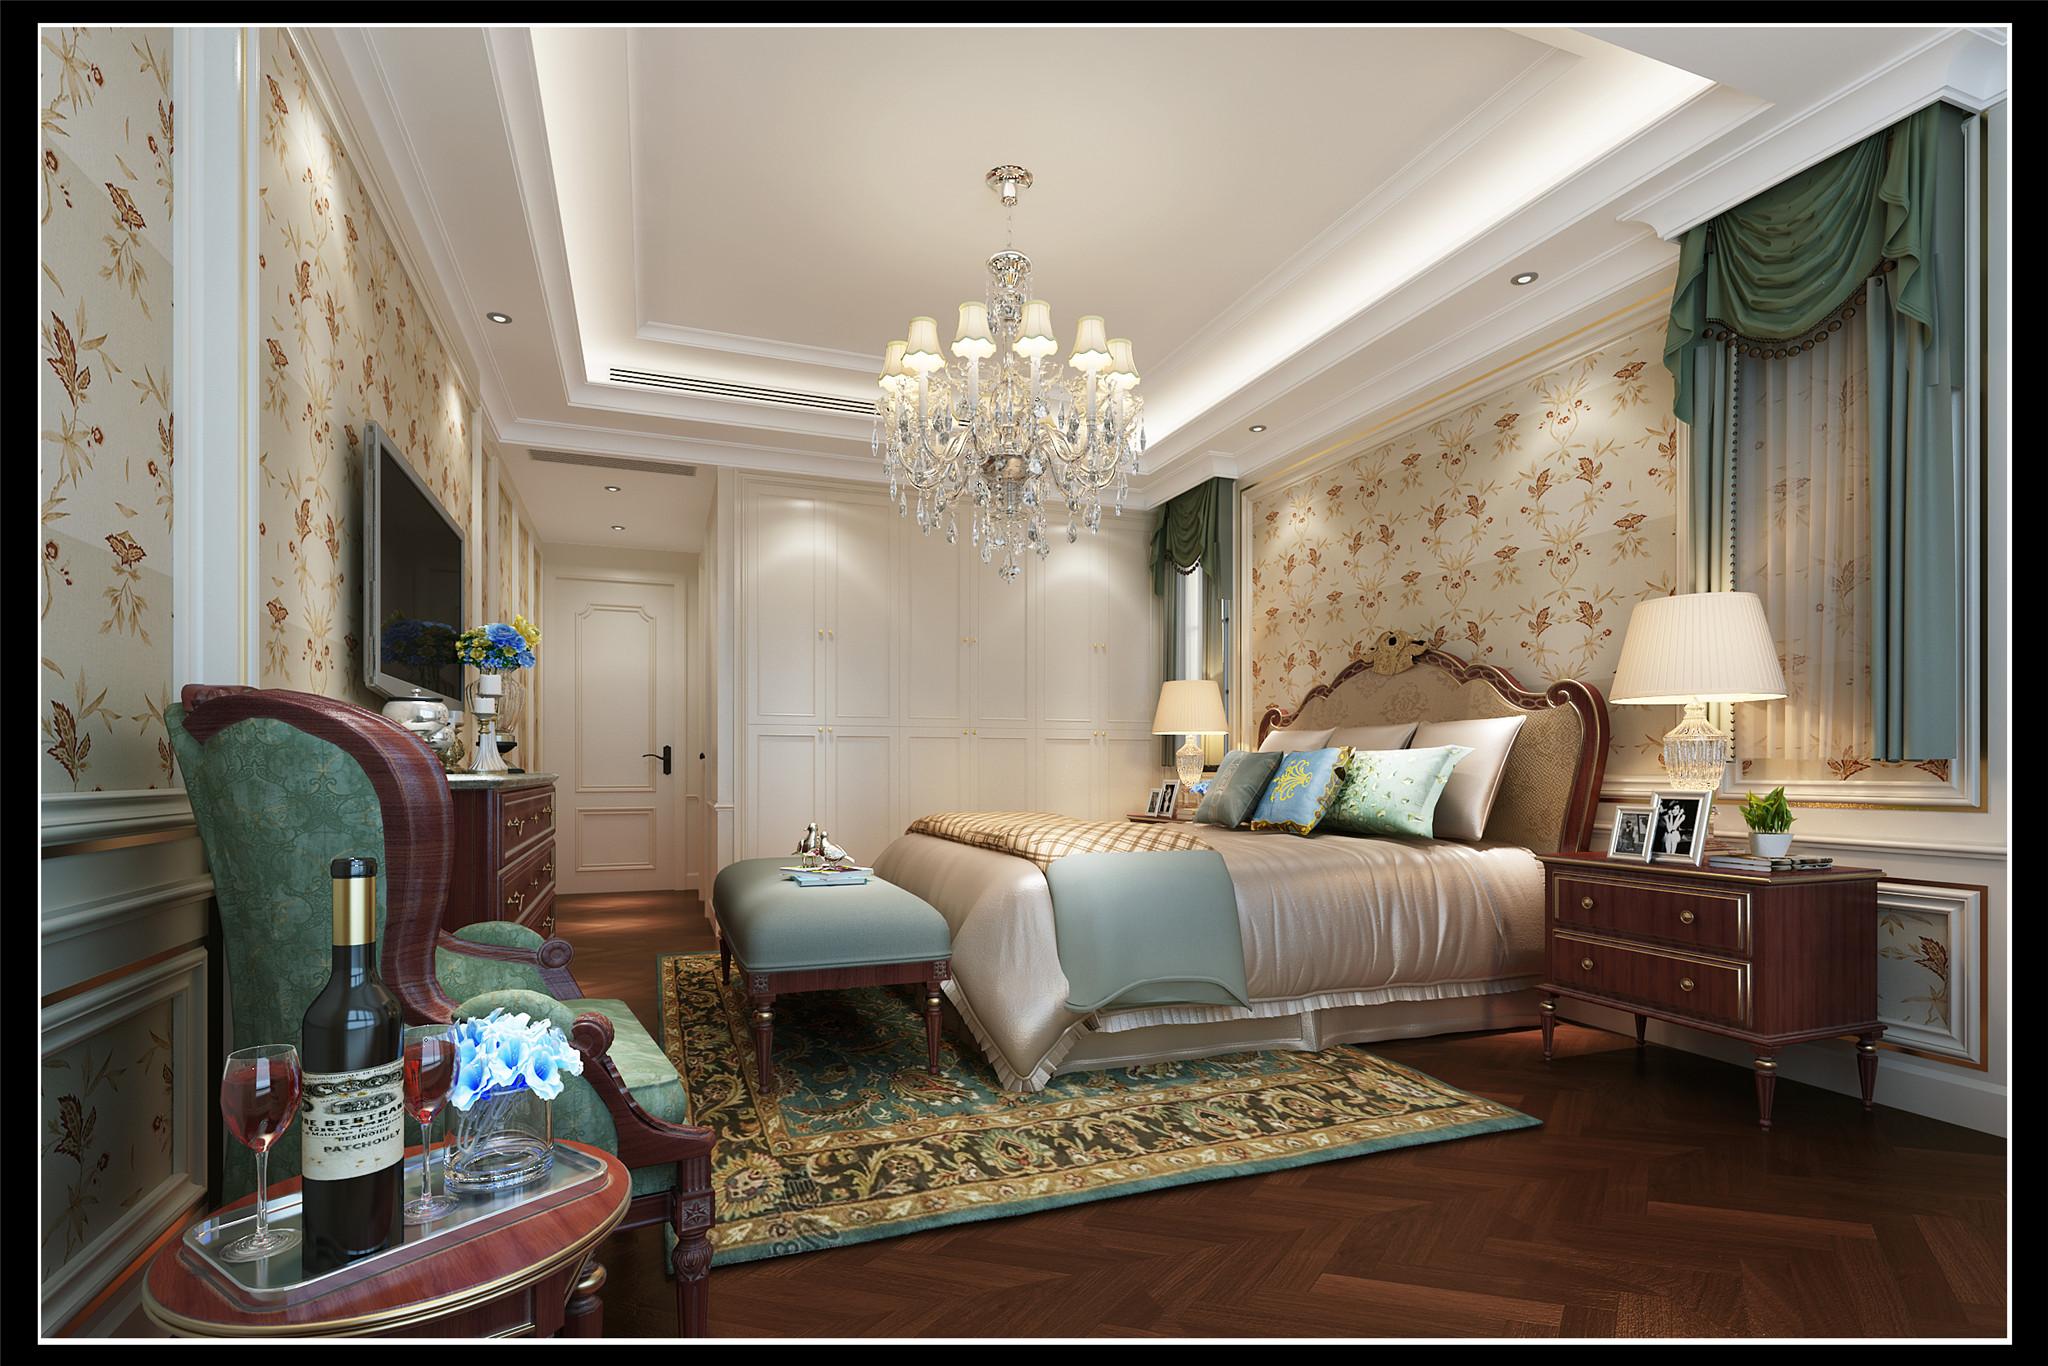 主卧:在法式特有的典雅融入宫廷的奢华感,从而迸发出另一种独特的浪漫风情。层层递进的色彩与造型,稳重而充满品味,灰绿色布艺的点缀,让环境无意间增添了更多的浪漫元素。